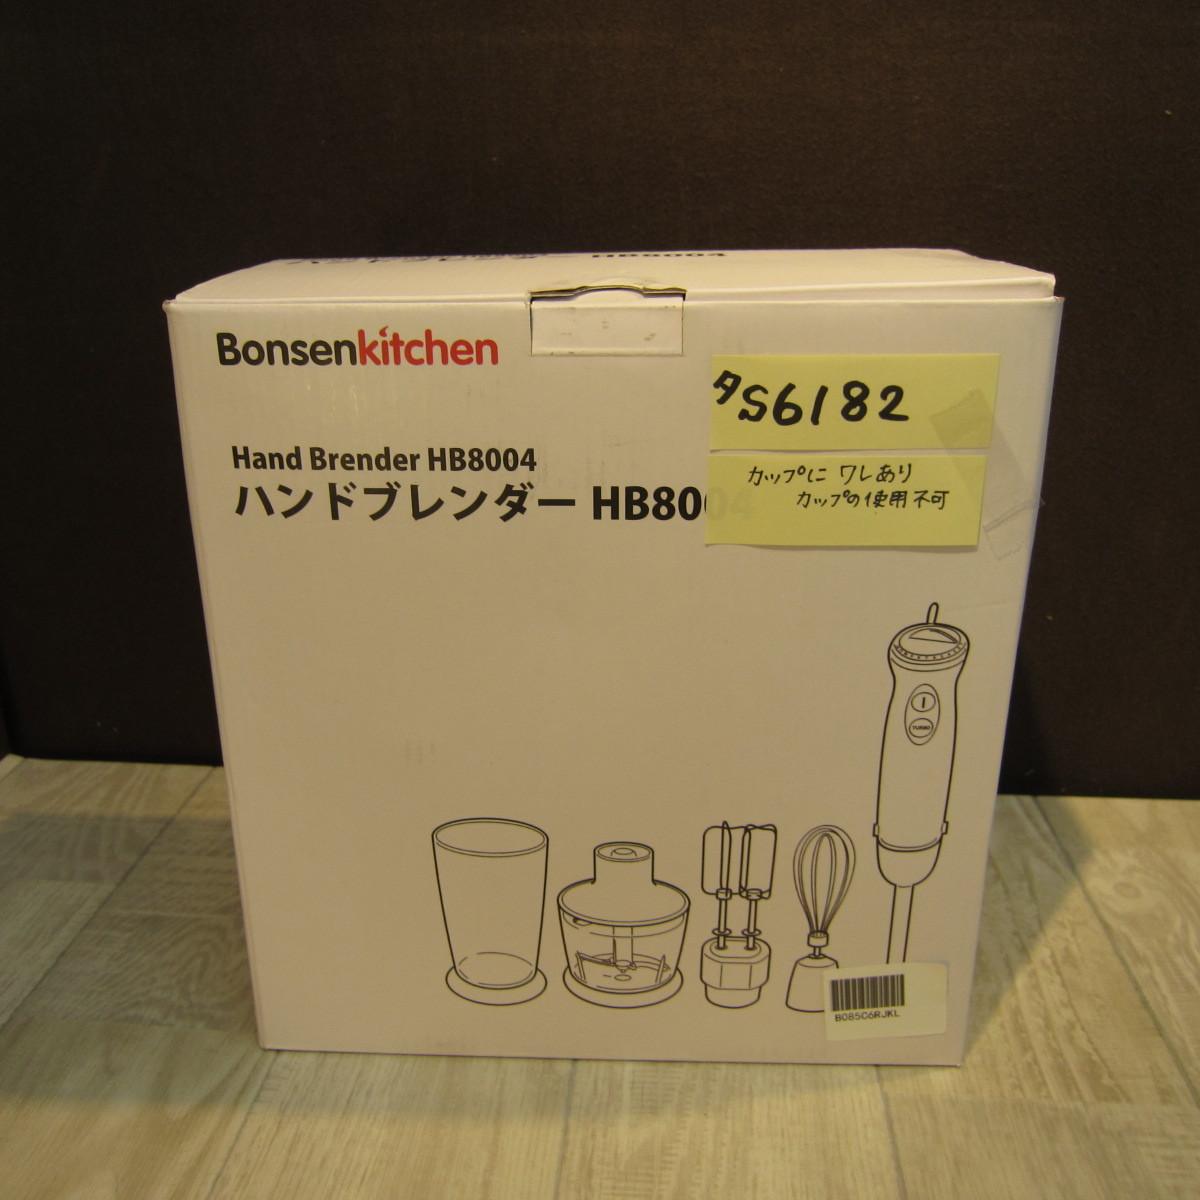 S6182【未使用】Bonsenkitchen ハンドブレンダー ハイパワー ハンドミキサー ケーキ 小型 ホワイト HB8004